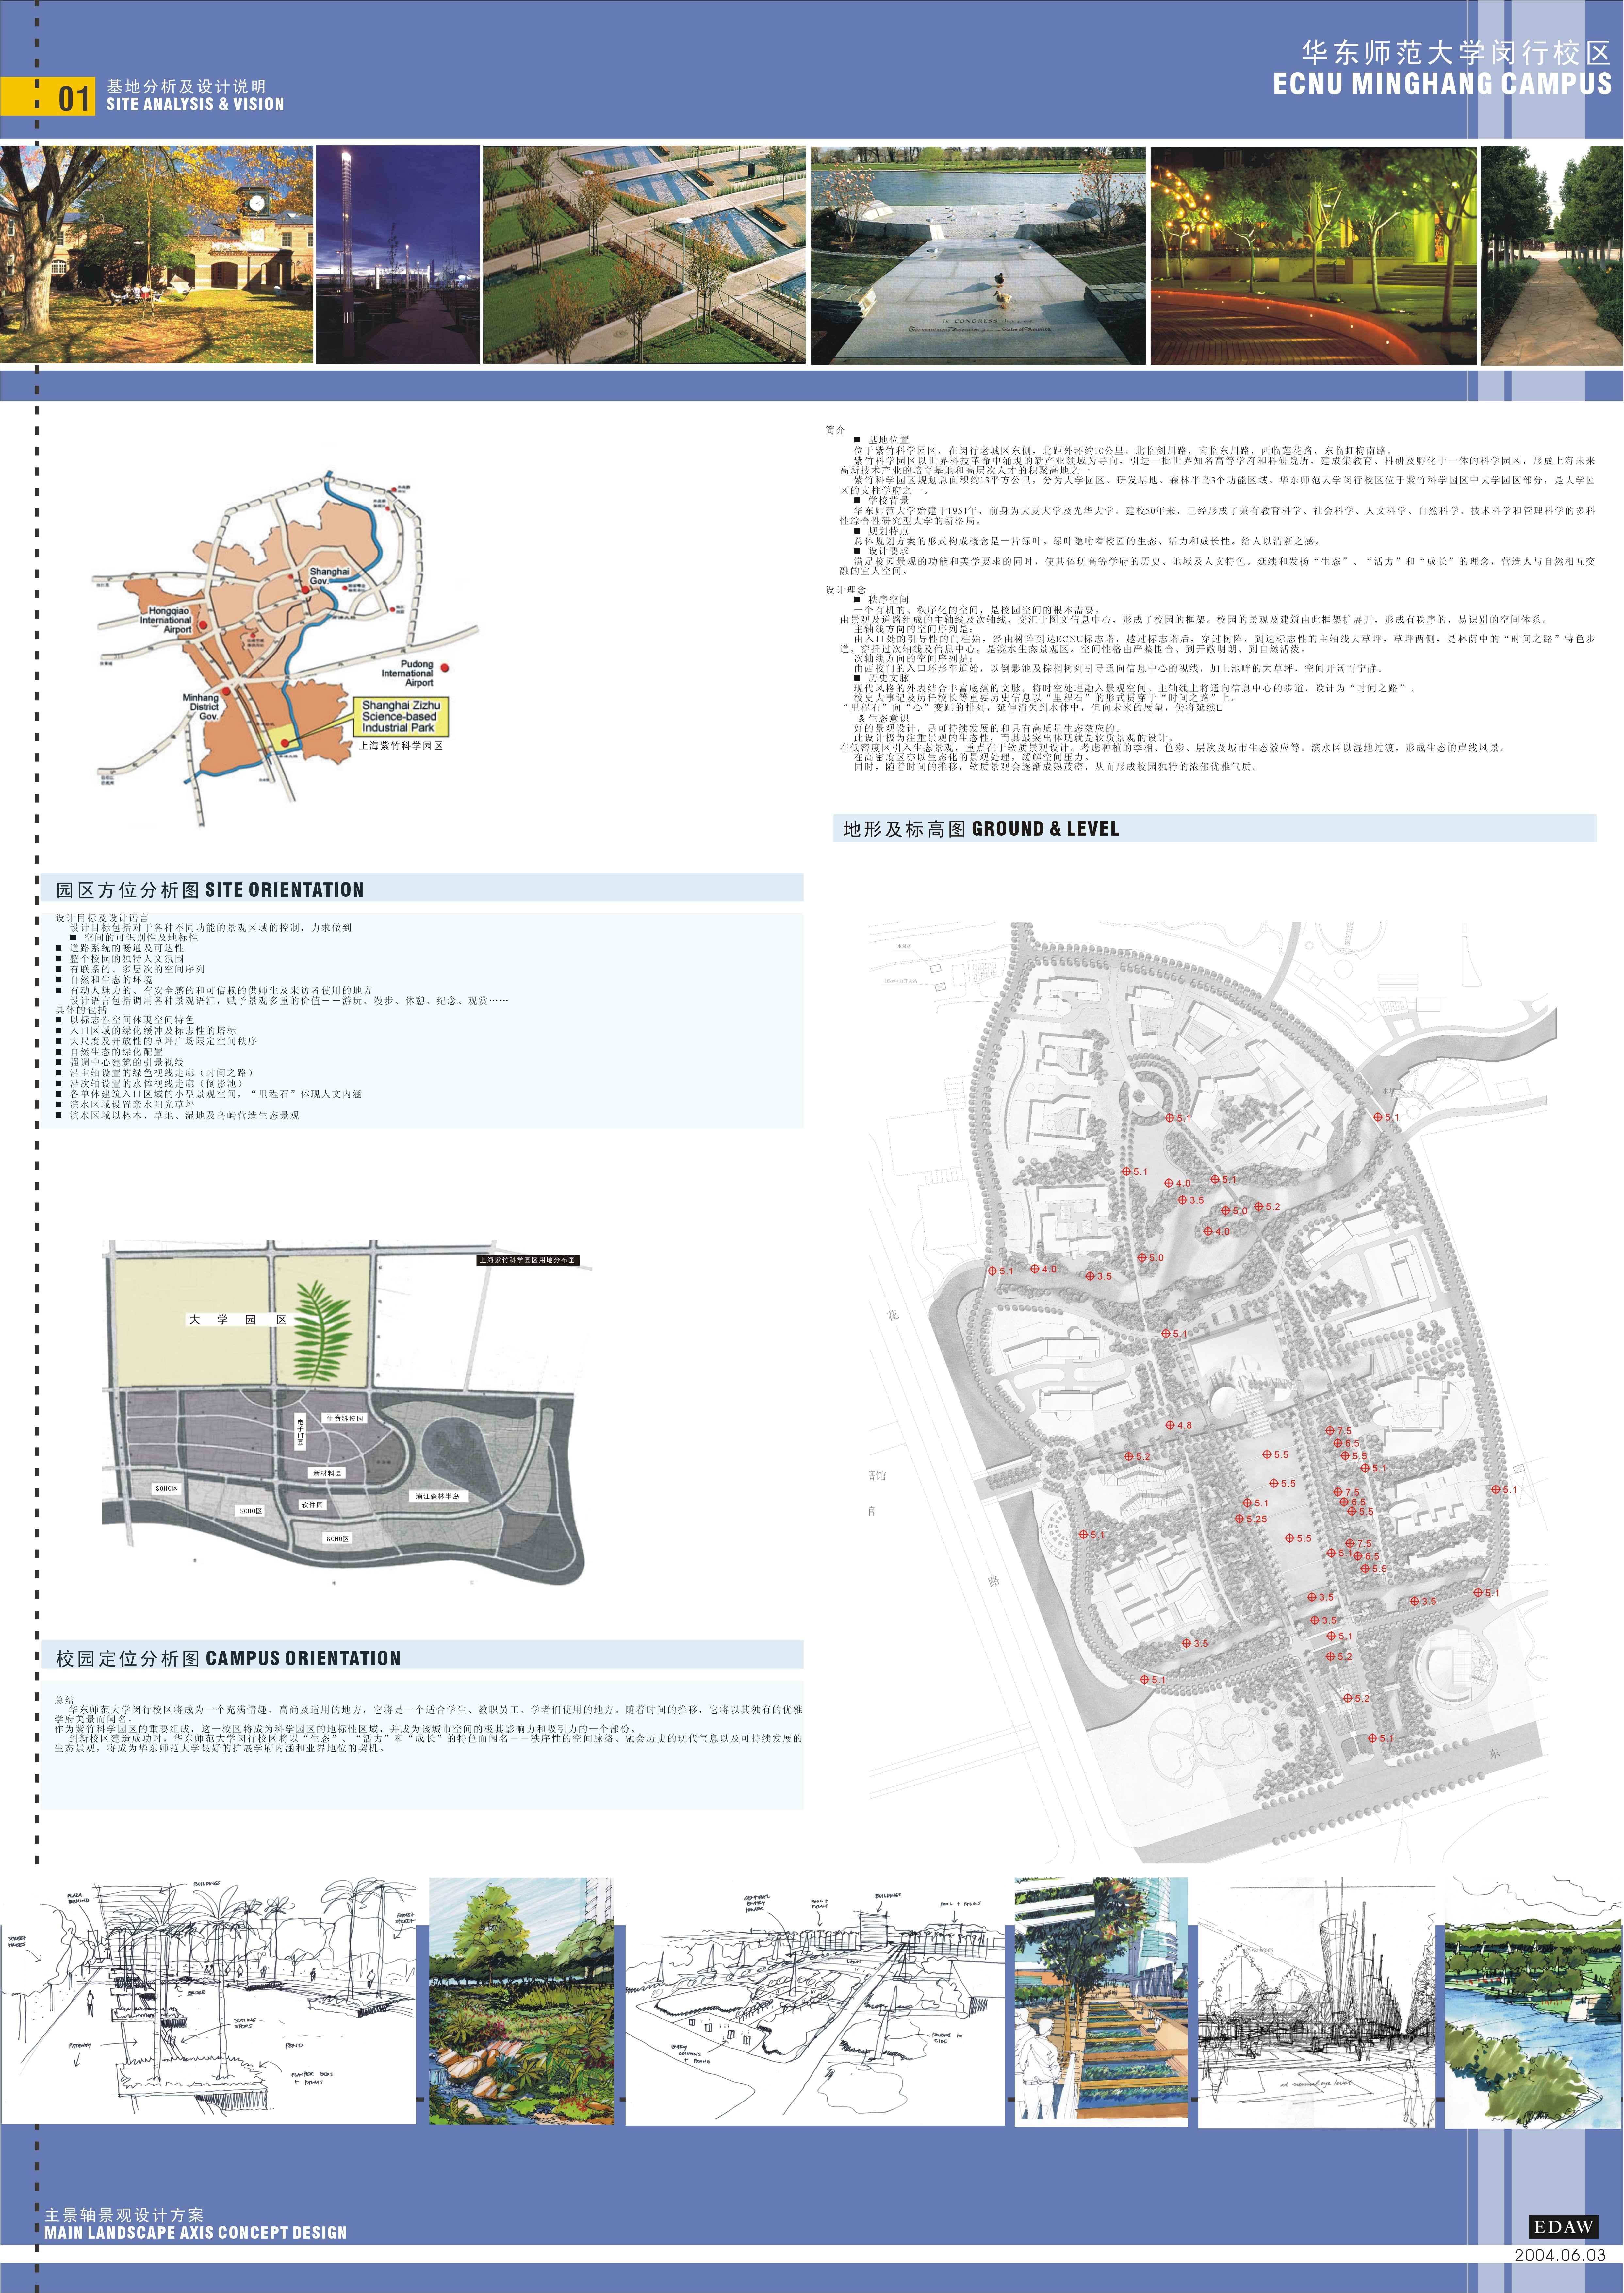 上海大学环境景观设计方案图片1